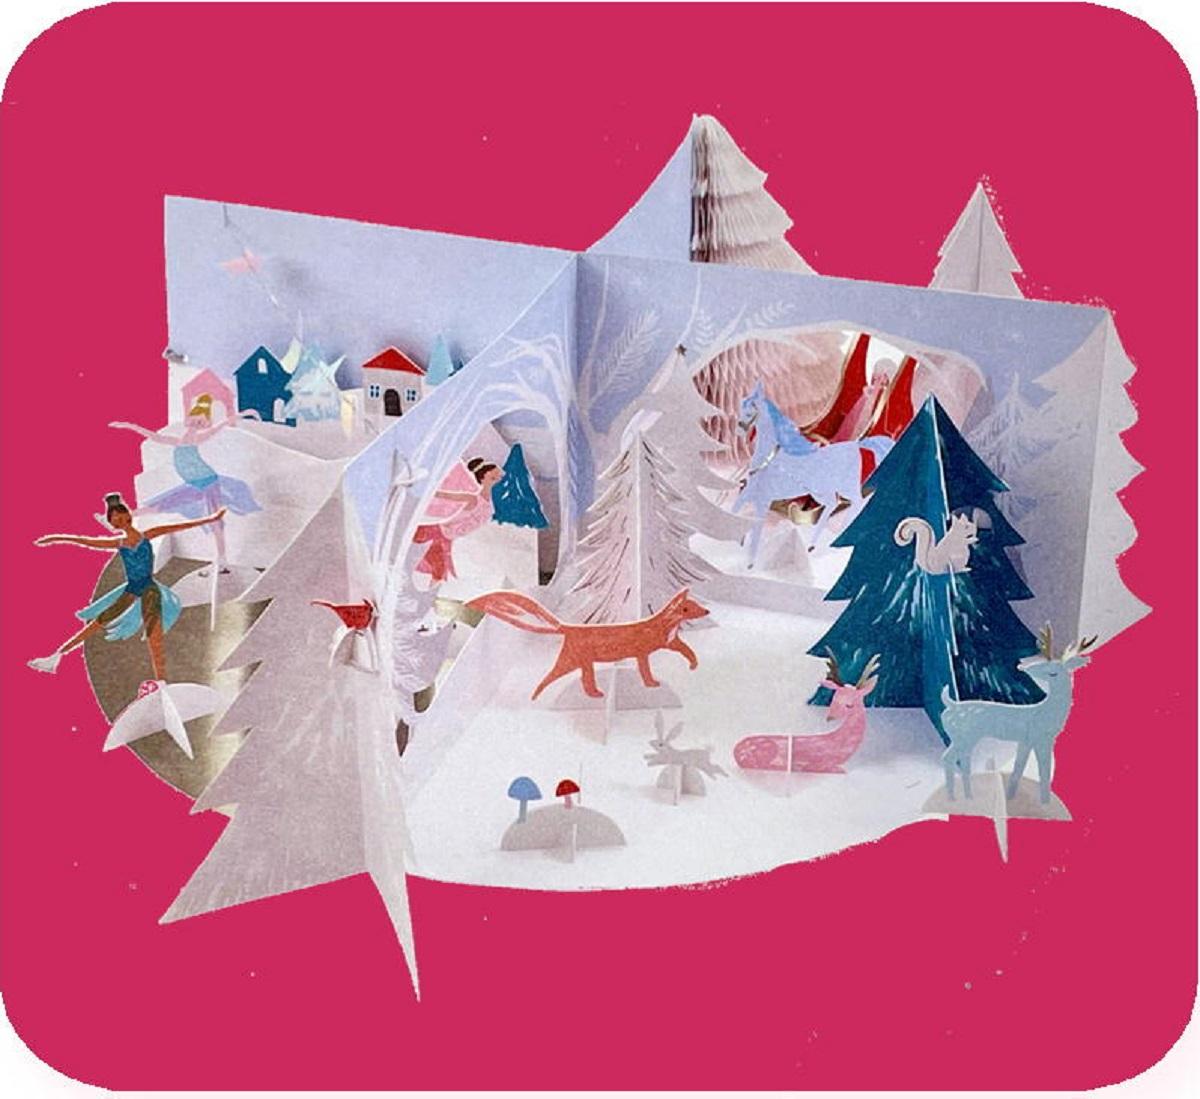 ペーパークラフトアドベントカレンダー「すてきな雪景色」